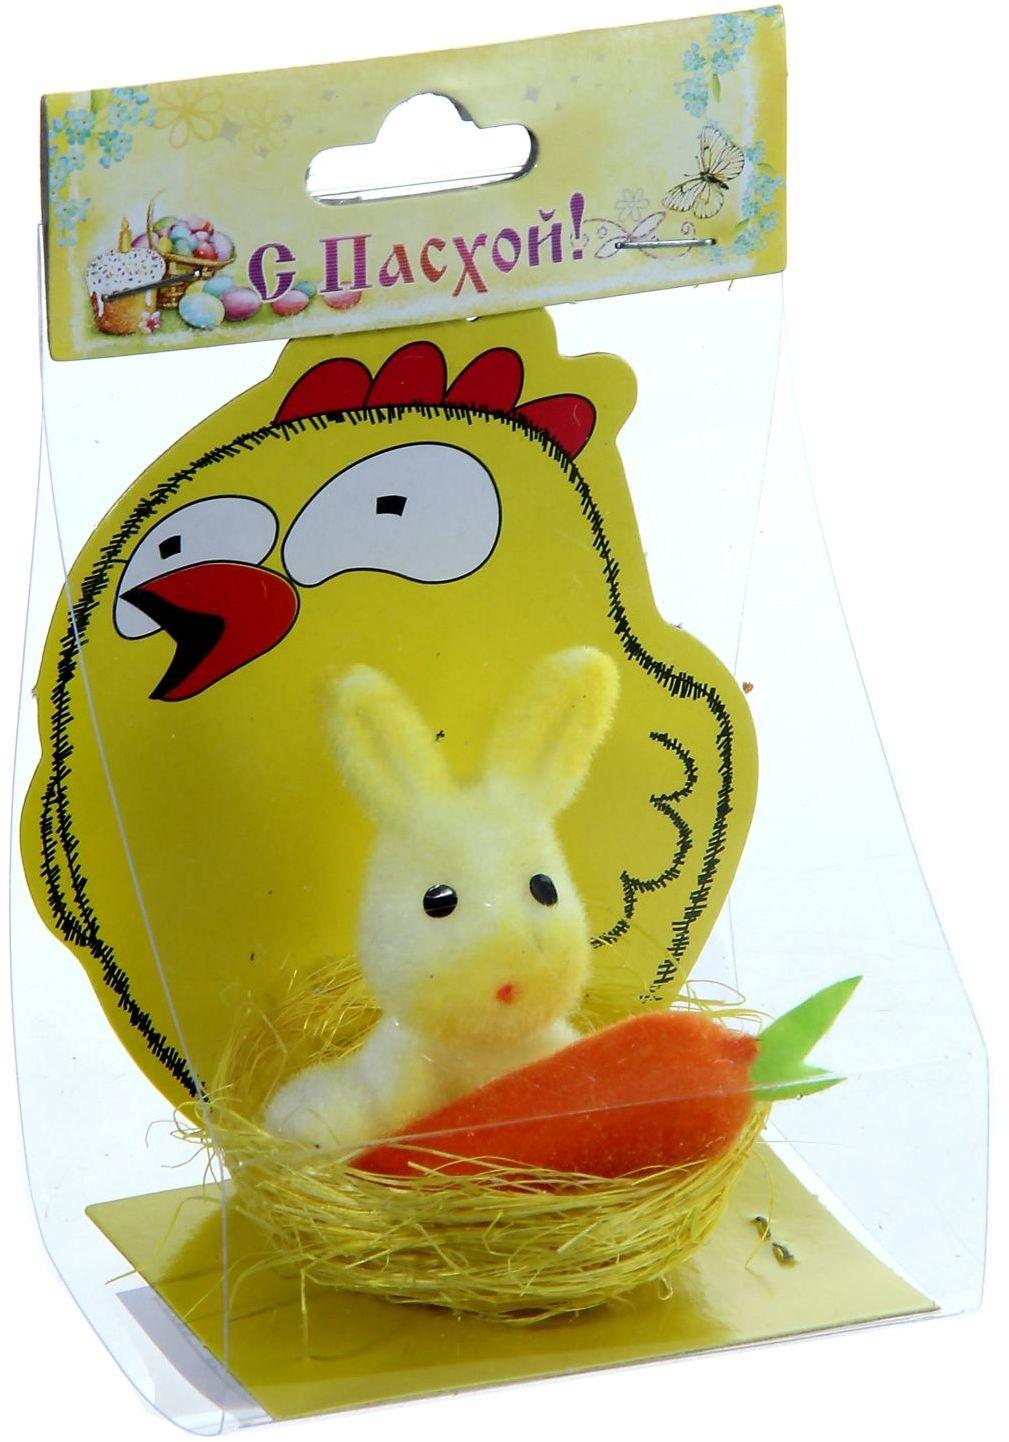 Сувенир пасхальный Sima-land Пасхальный кролик, 5 х 5 х 5,5 см926190Пасха – самый светлый семейный праздник со своими традициями, обычаями и, конечно же, символами.Самый светлый весенний семейный праздник, конечно, Пасха. Симпатичные цыплята и курочки с расписными яйцами в корзинках украшают столы в этот день вместе с традиционными блюдами и выпечкой.Перед вами сувенир Пасхальный кролик в корзинке - не просто пасхальный декор, а символ плодородия. Добавит тепло и уют в светлое весеннее воскресенье.Напомните младшему поколению, что по традиции, зайчик оставляет в подарок хорошим послушным детям разноцветные яички и сладости в тайном местечке, а в каком именно решать вам.